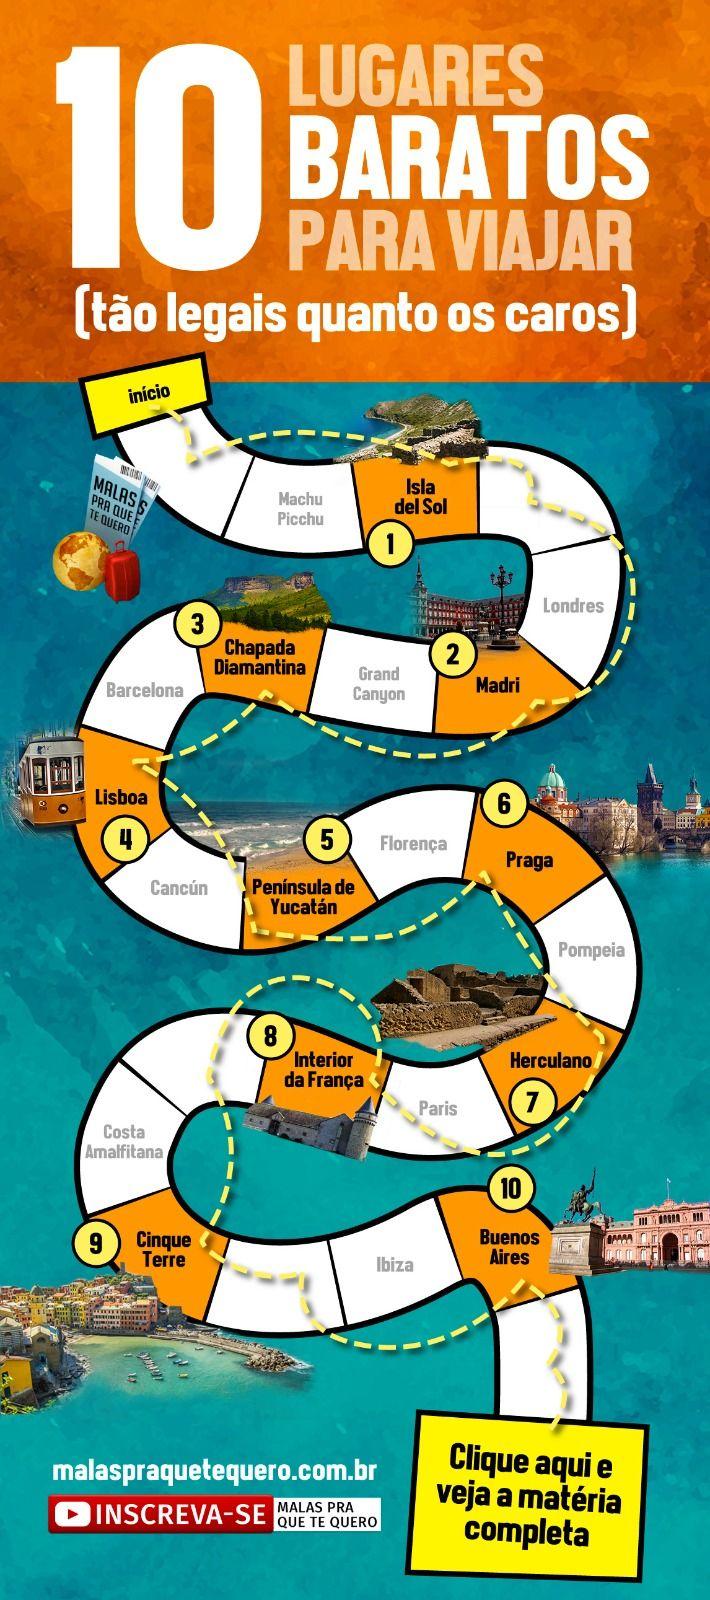 Quer descobrir lugares baratos para viajar sem perder qualidade? Reunimos 10 lugares perfeitos para suas férias, com custo bem pequenininho. (feat. @eusouatoa) #dicas #dicasdeviagem #viajarbarato